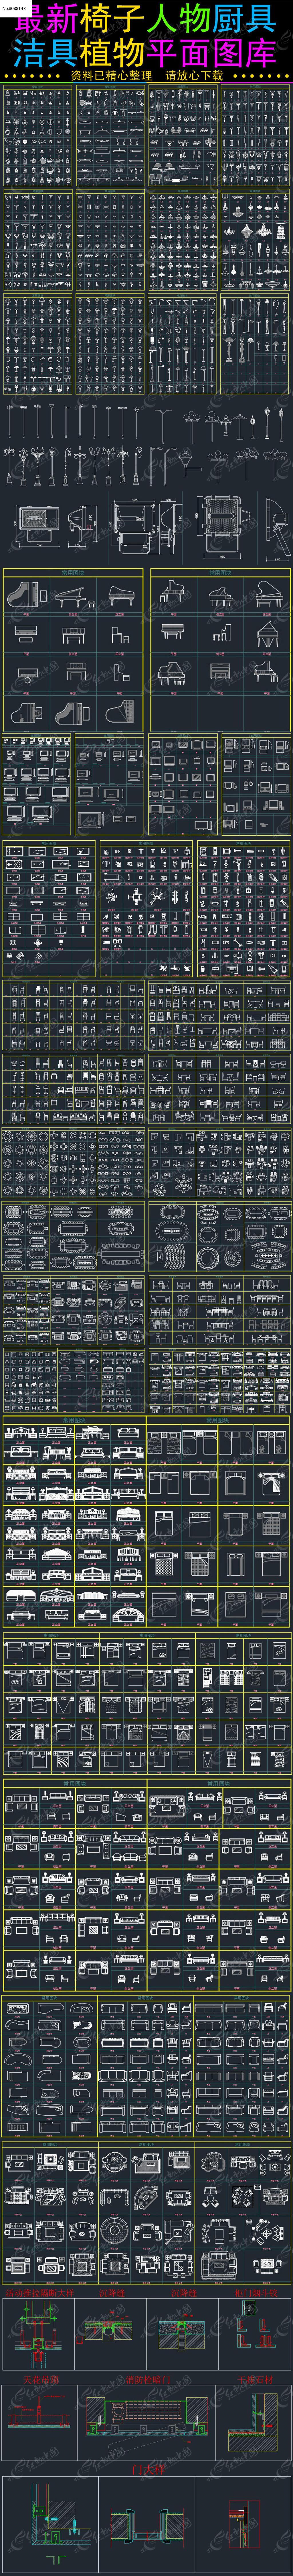 施工图制作标准图集图库图片